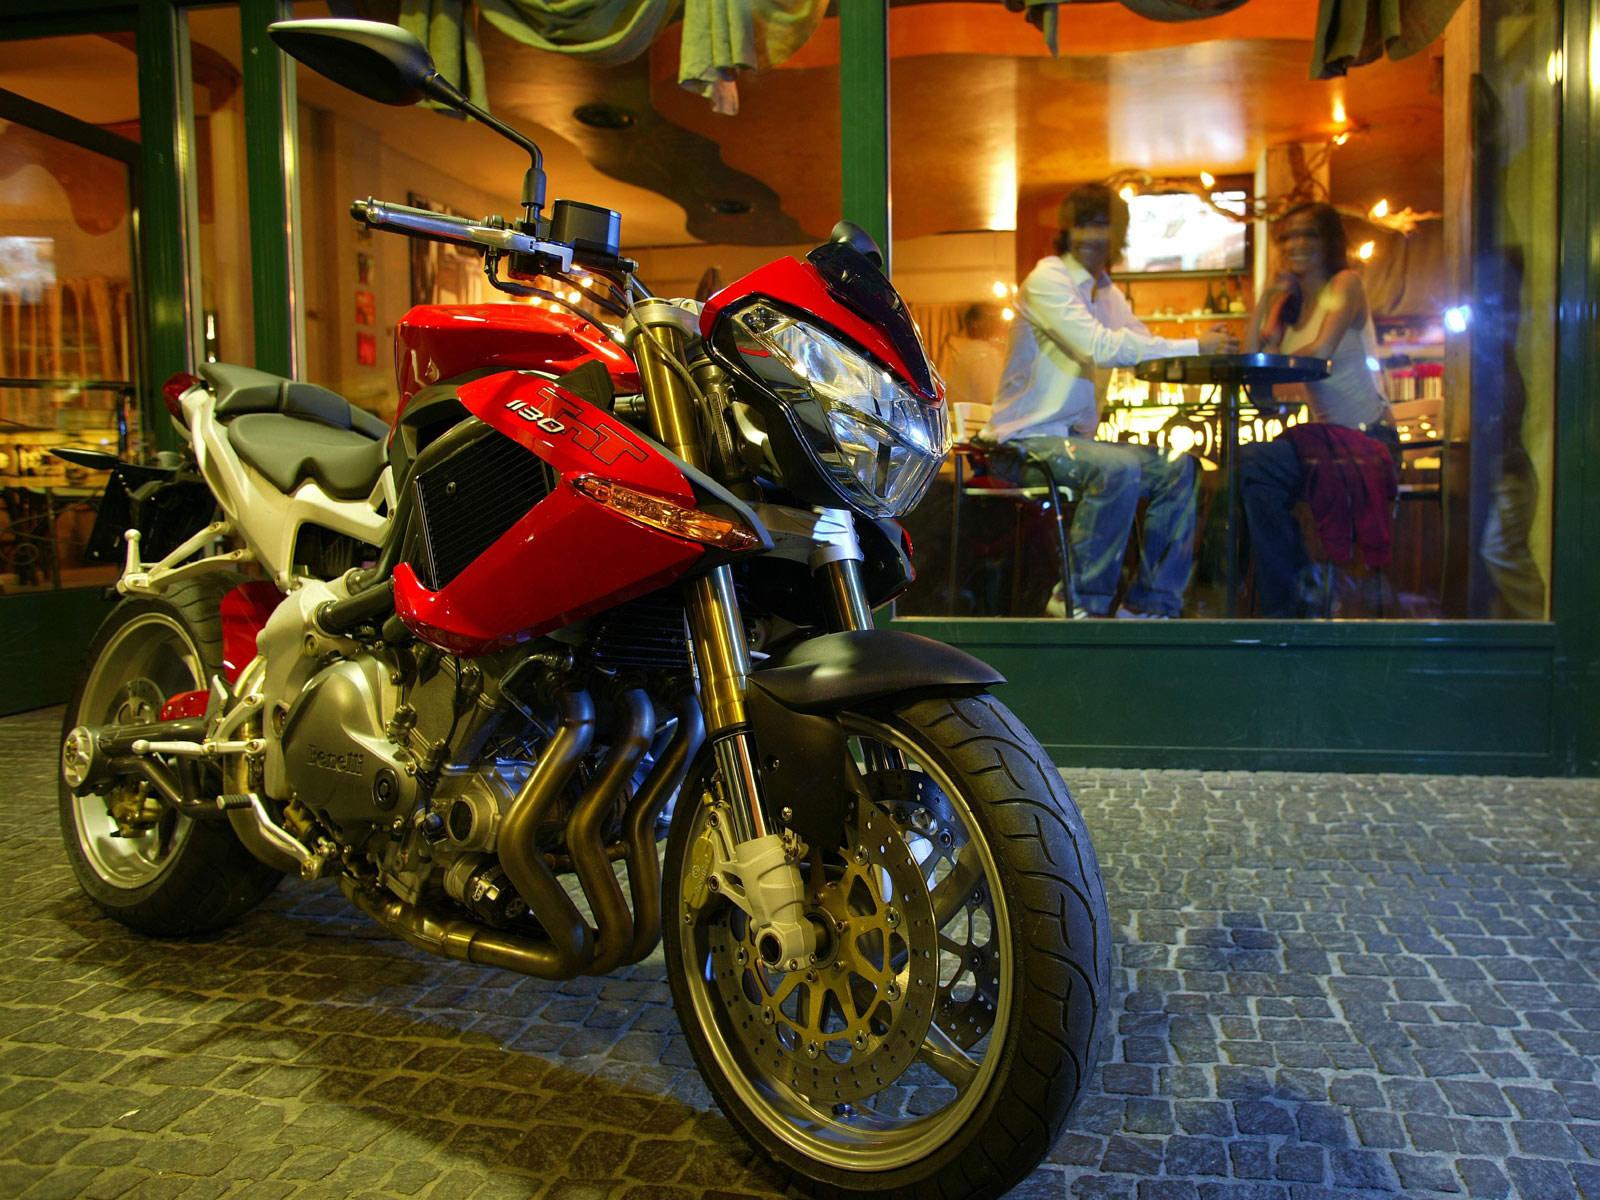 http://4.bp.blogspot.com/-9hj49qVDsx8/Tr28_fuupOI/AAAAAAAADxo/rc4np-xqTKM/s1600/2005_Benelli-TNT-1130_motorcycle-desktop-wallpaper_12.jpg